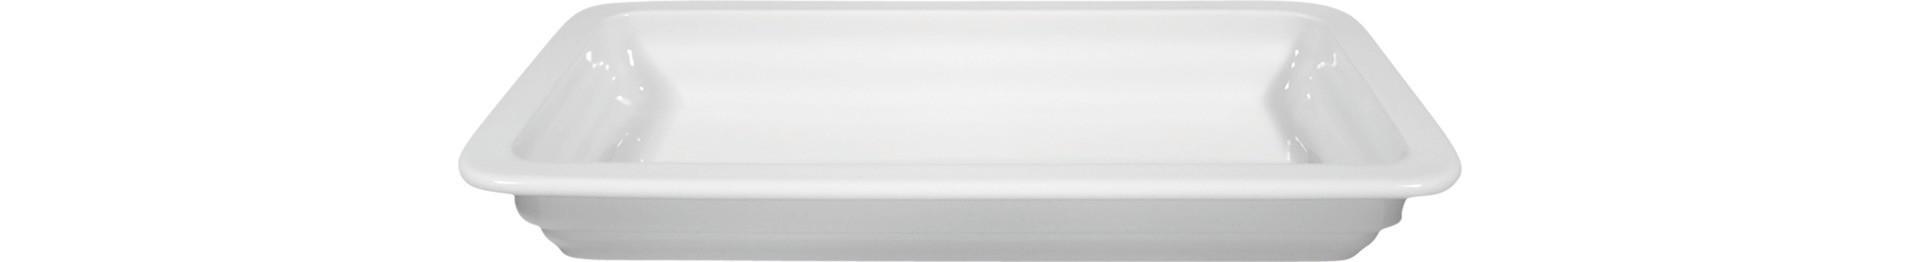 Buffet Gourmet, GN-Behälter GN 1/3 325 x 176 x 40 mm / 1,25 l